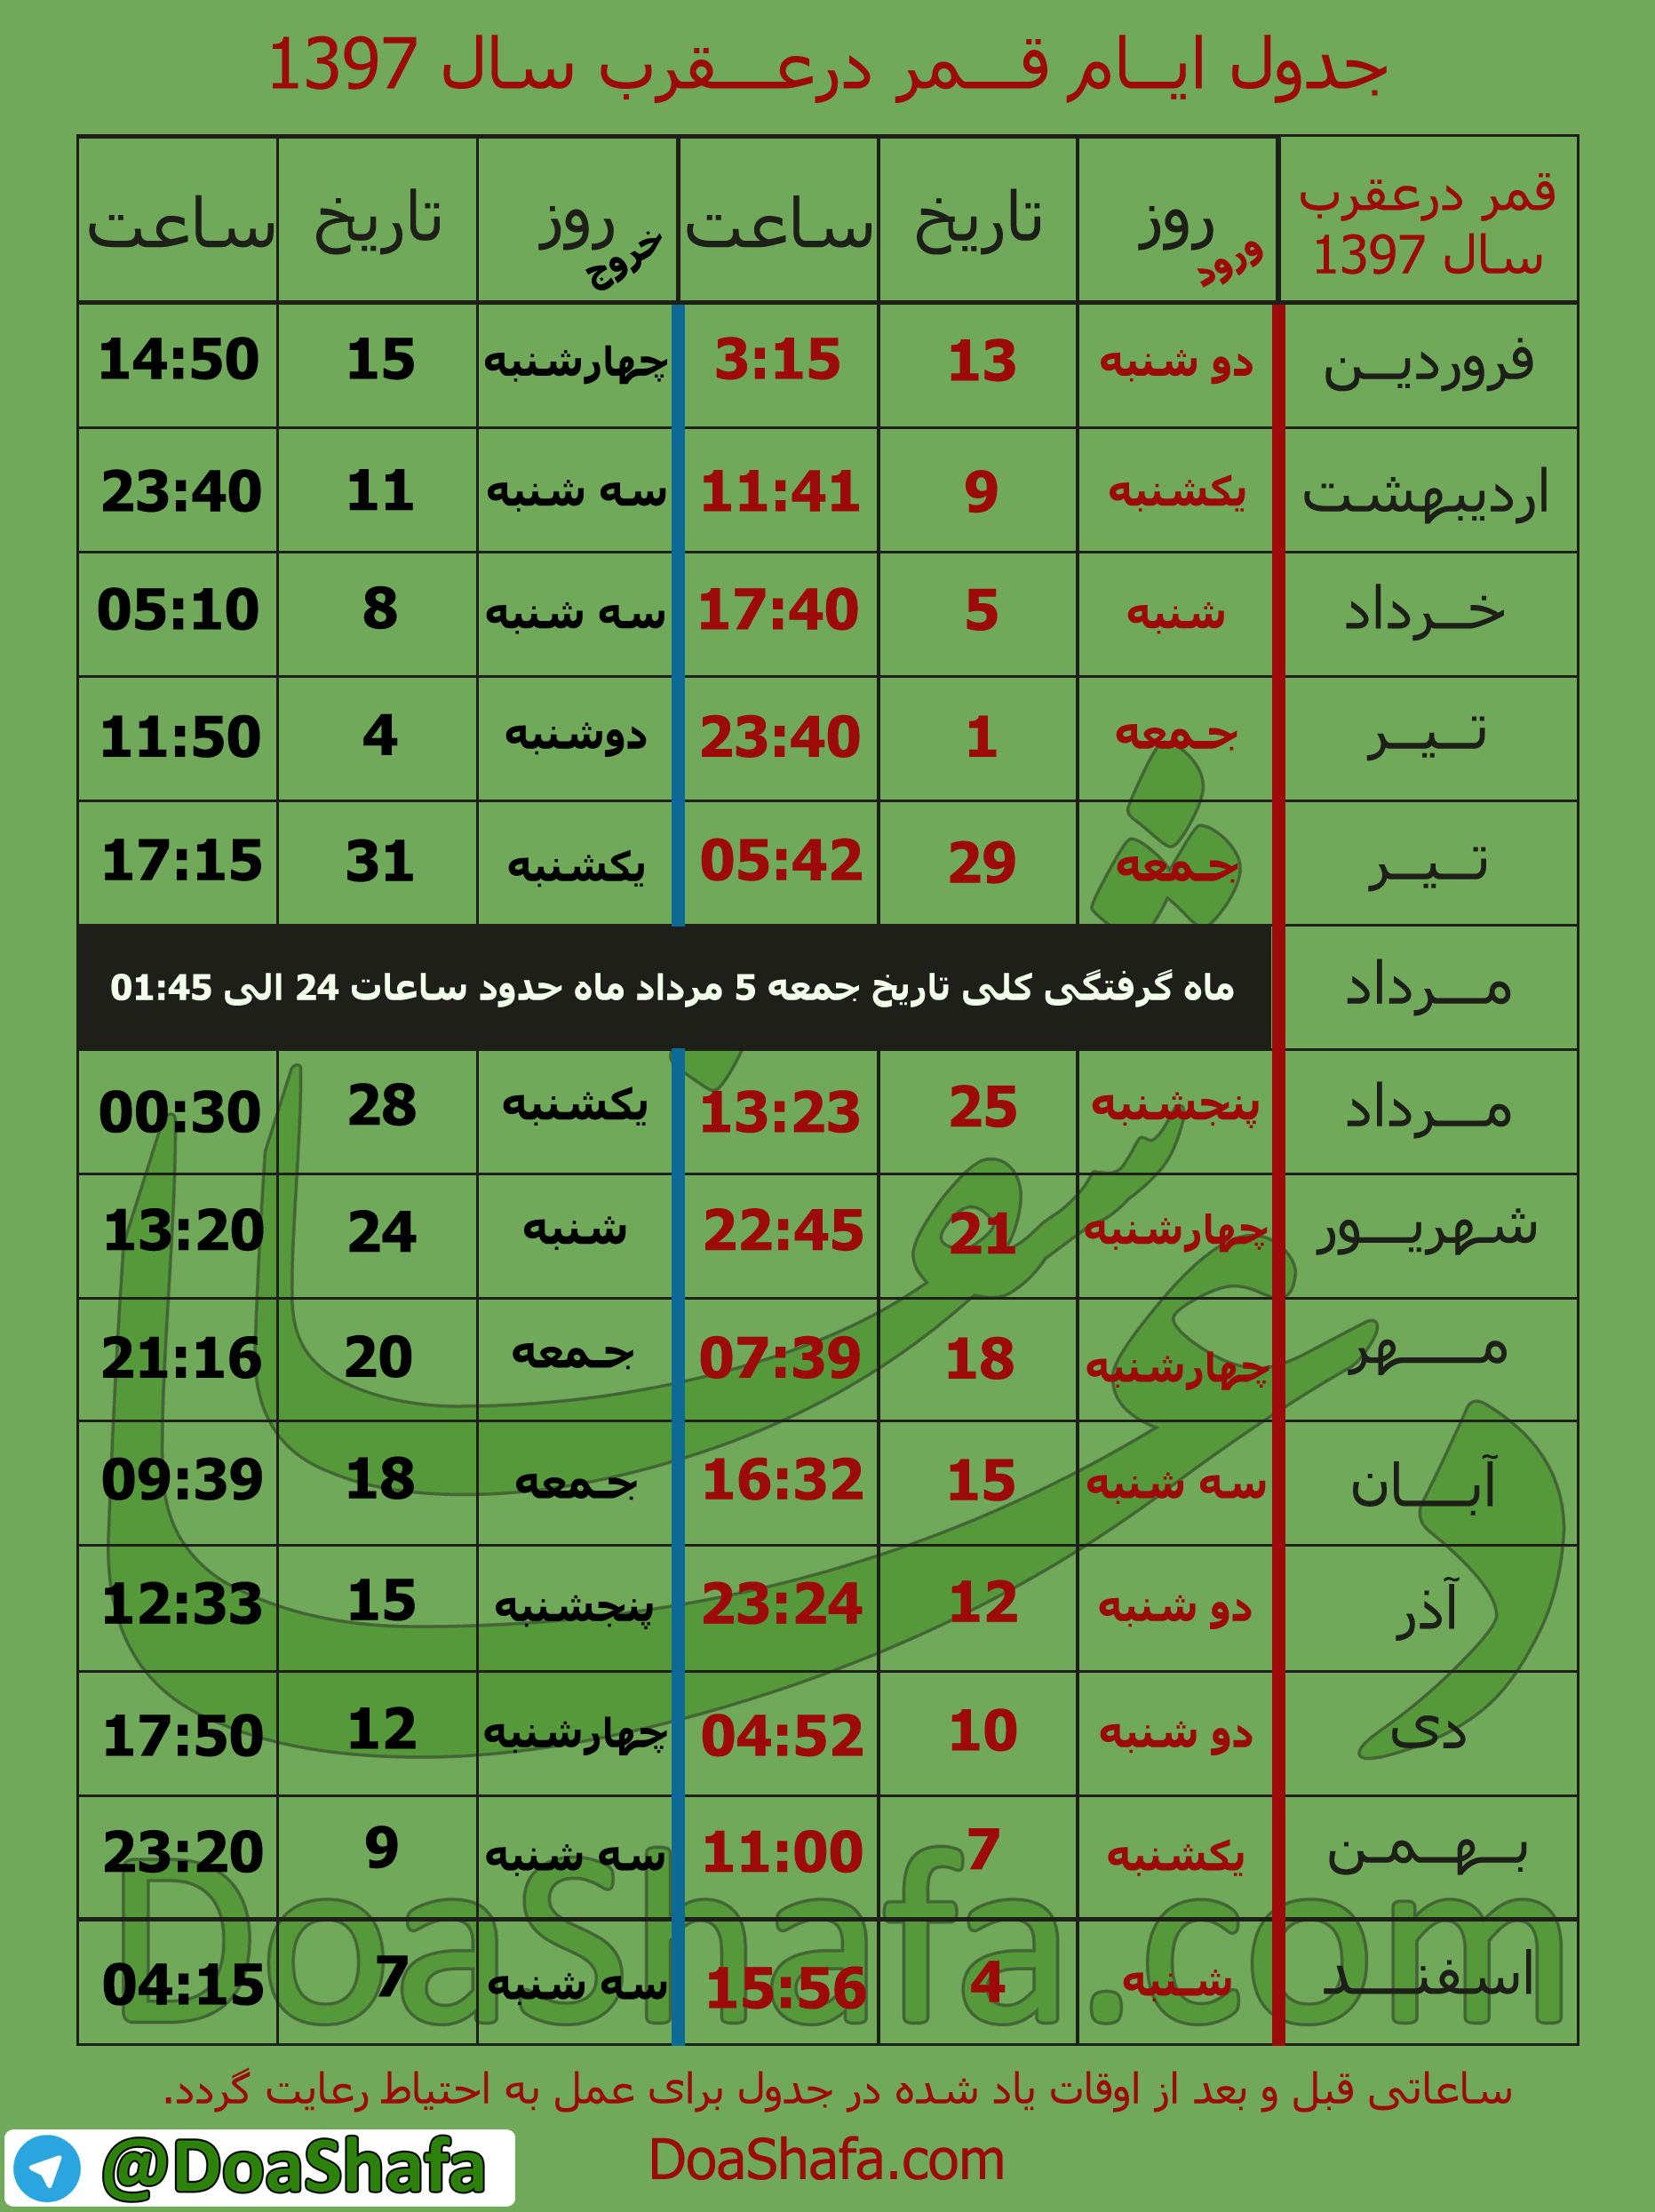 قمر-در-عقرب-دعاشفا-97 جدول و تقویم کامل روزهای قمر در عقرب سال۹۷